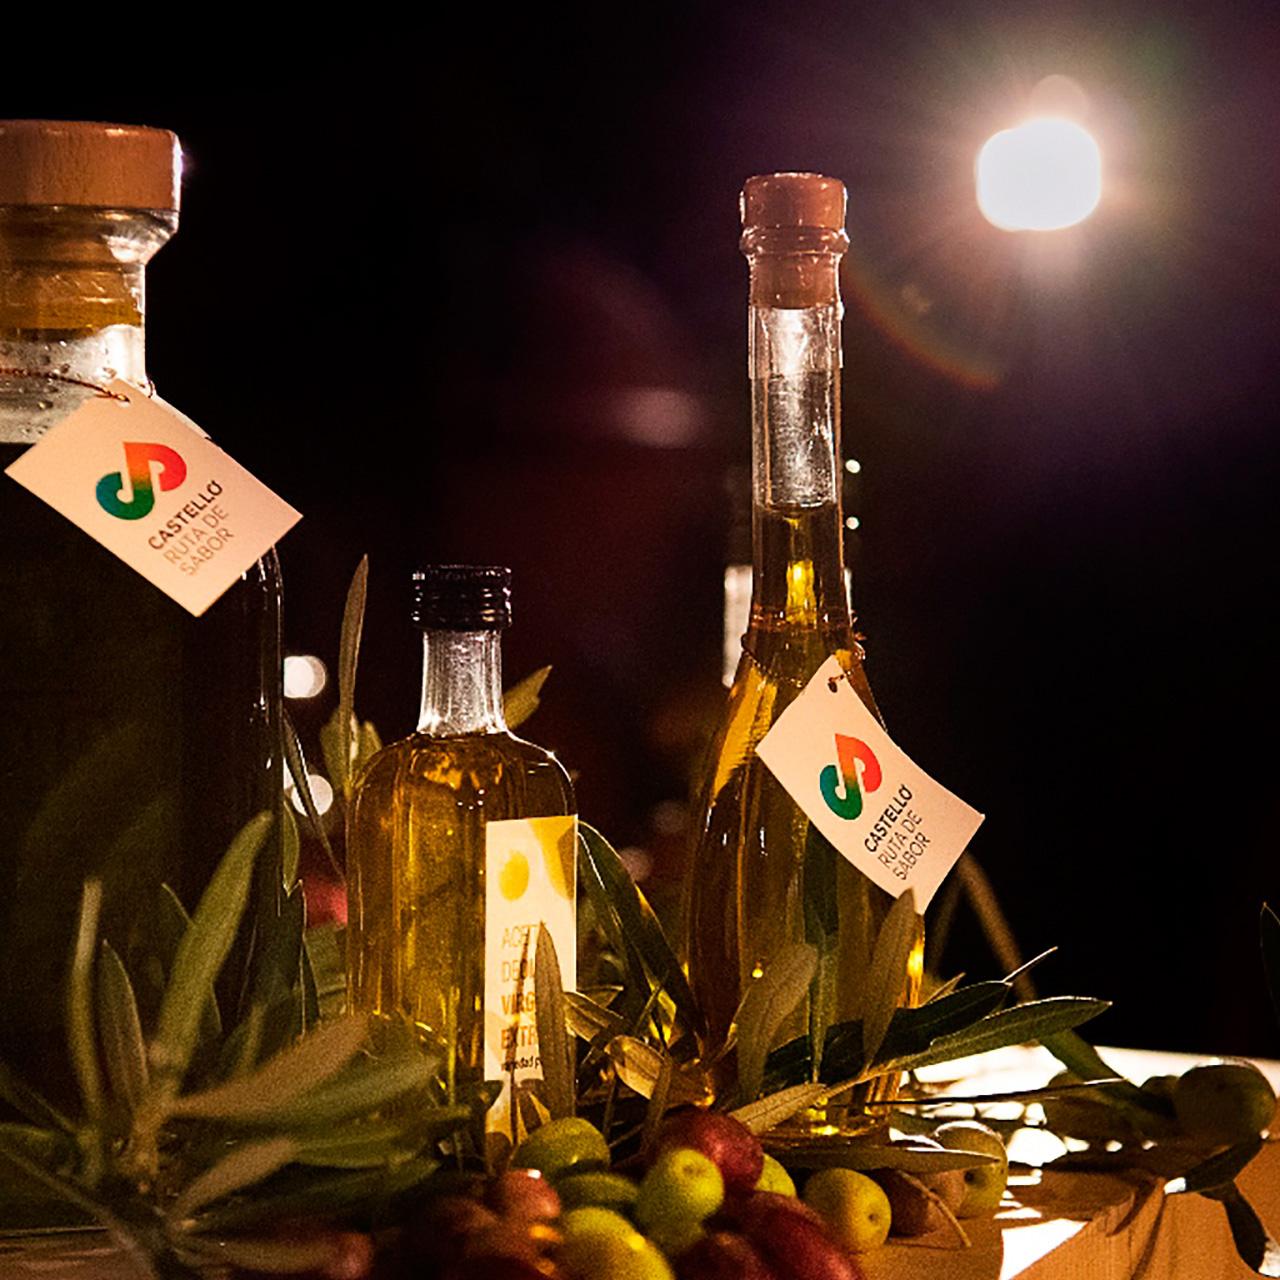 Castelló ruta de sabor, aceite de oliva